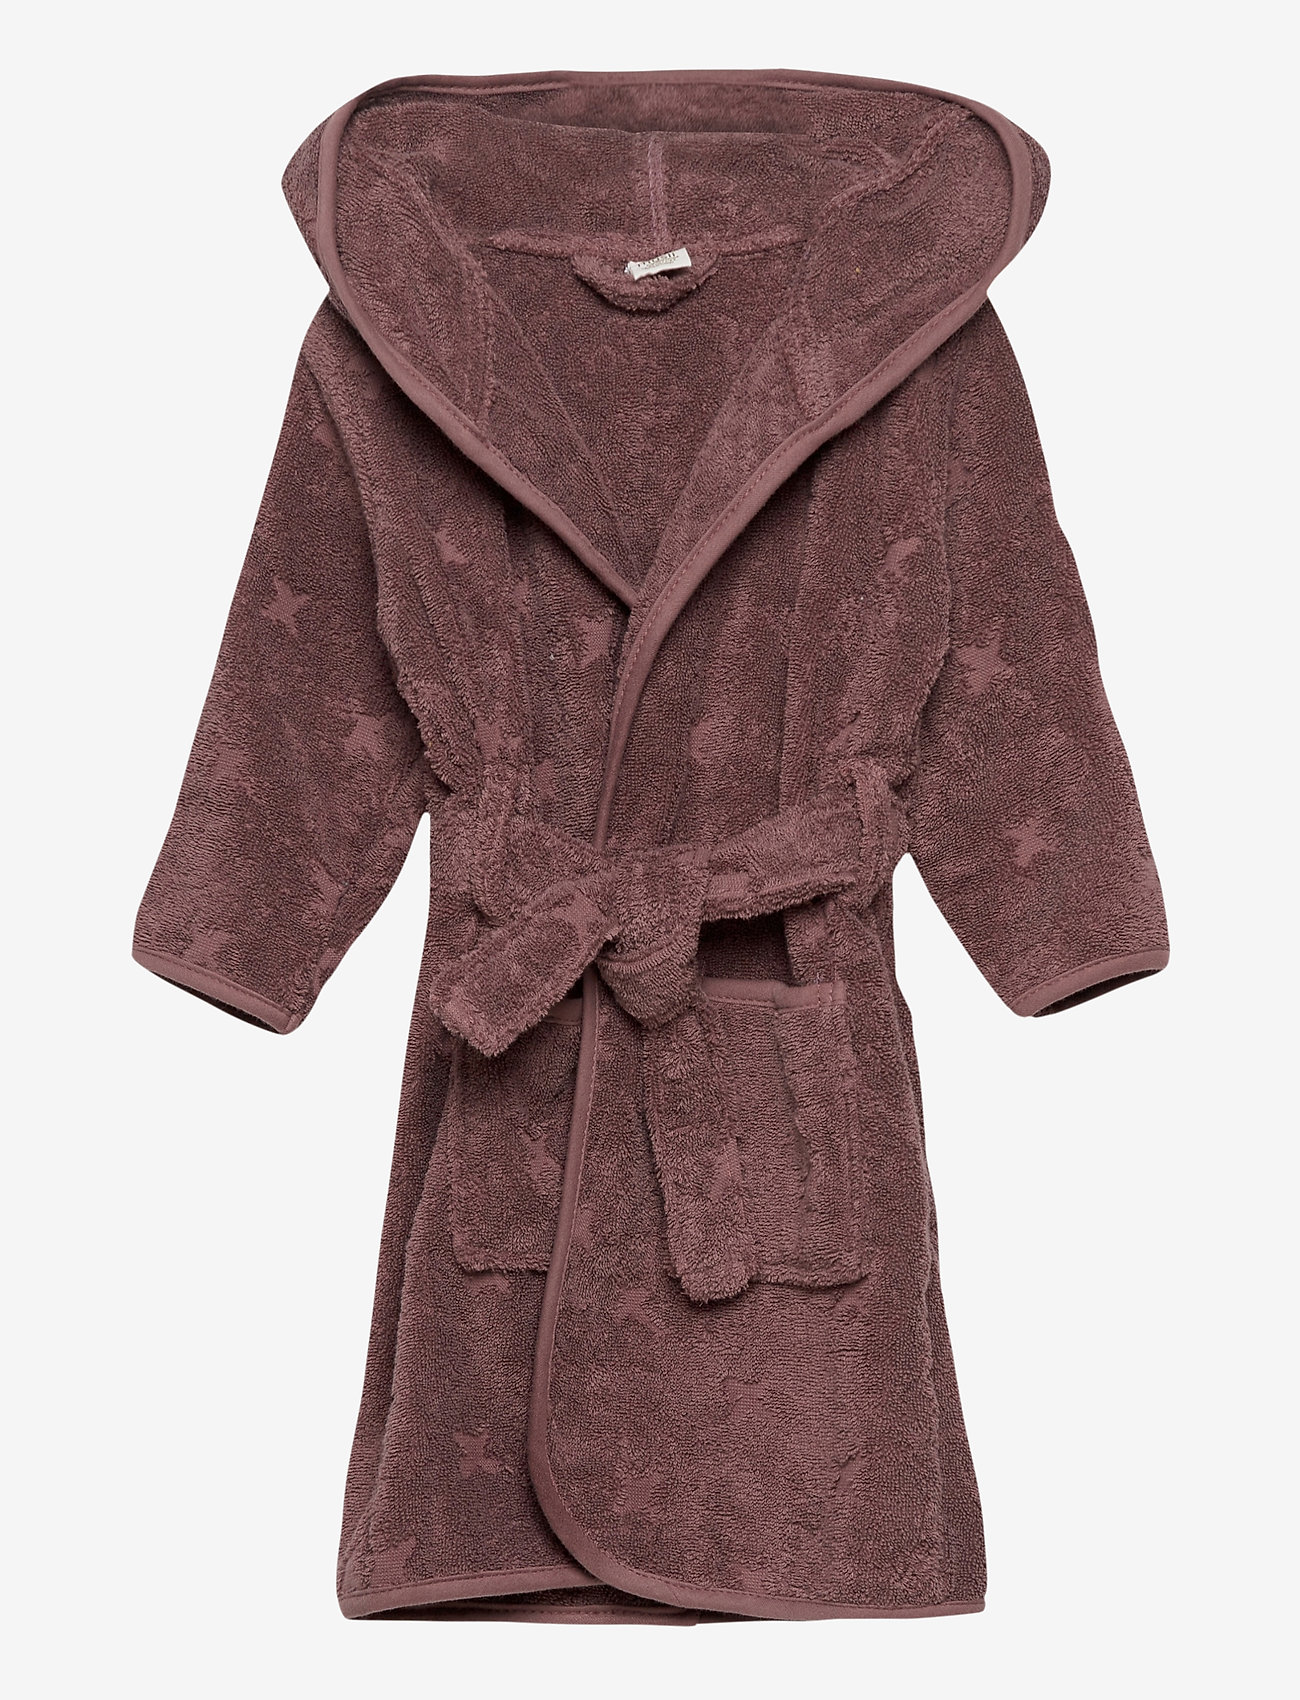 Müsli by Green Cotton - Bathrobe bunny - bathrobes - flint - 0